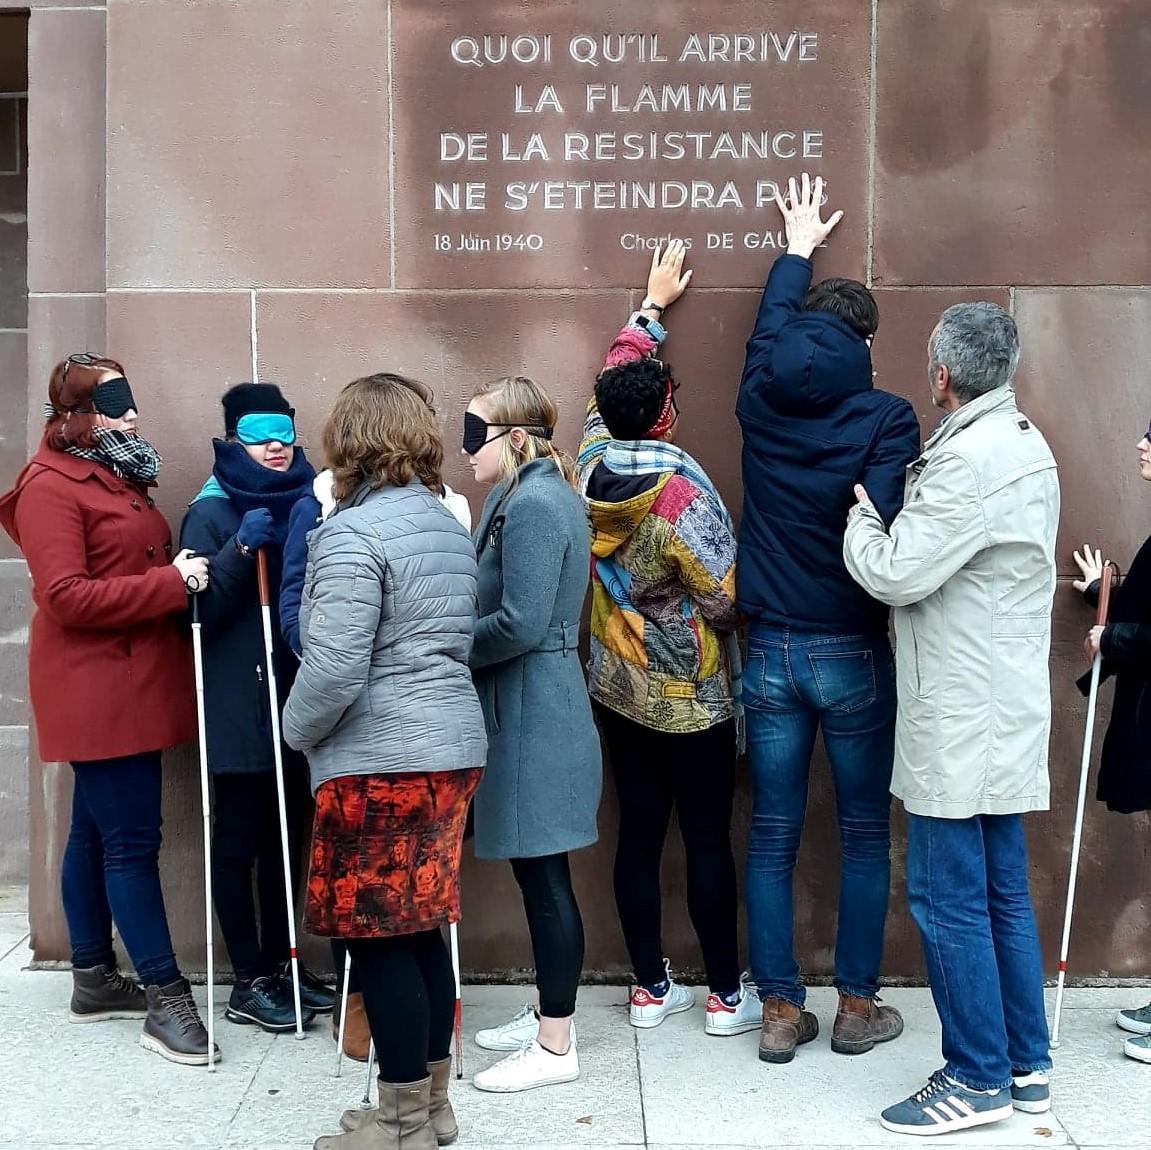 """Photo représentant 7 personnes à l'extérieur du Mémorial lors de l'exercice de mise en situation de déficience visuelle. Ils ont des cannes blanches et des bandeaux sur les yeux, et touchent avec les doigts les écritures sur le mur du Mémorial : """" Quoi qu'il arrive la flamme de la résistance ne s'éteindra pas """"."""